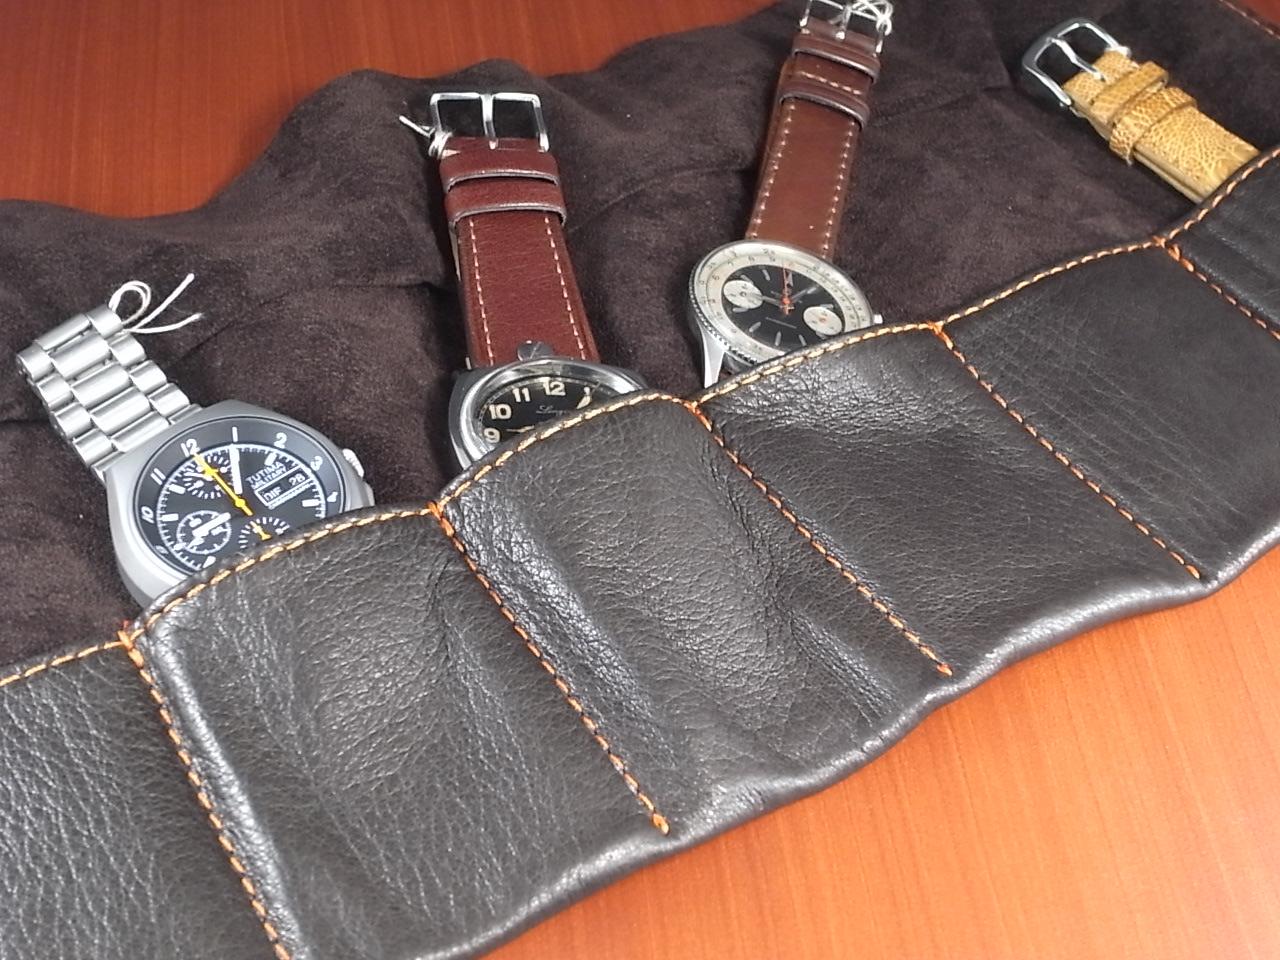 本革時計ケース 携帯タイプ 6本用 イタリア製 こげ茶 オレンジステッチの写真2枚目